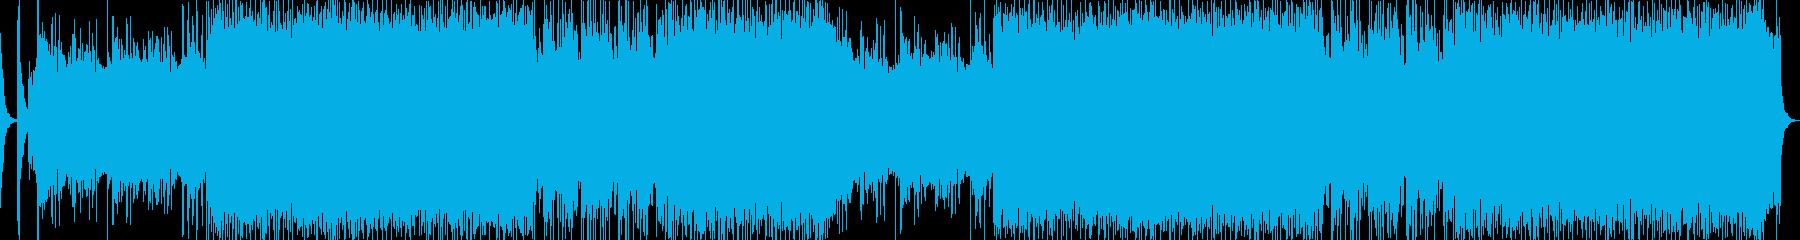 妖魔討伐がテーマのアップテンポ和風ロックの再生済みの波形